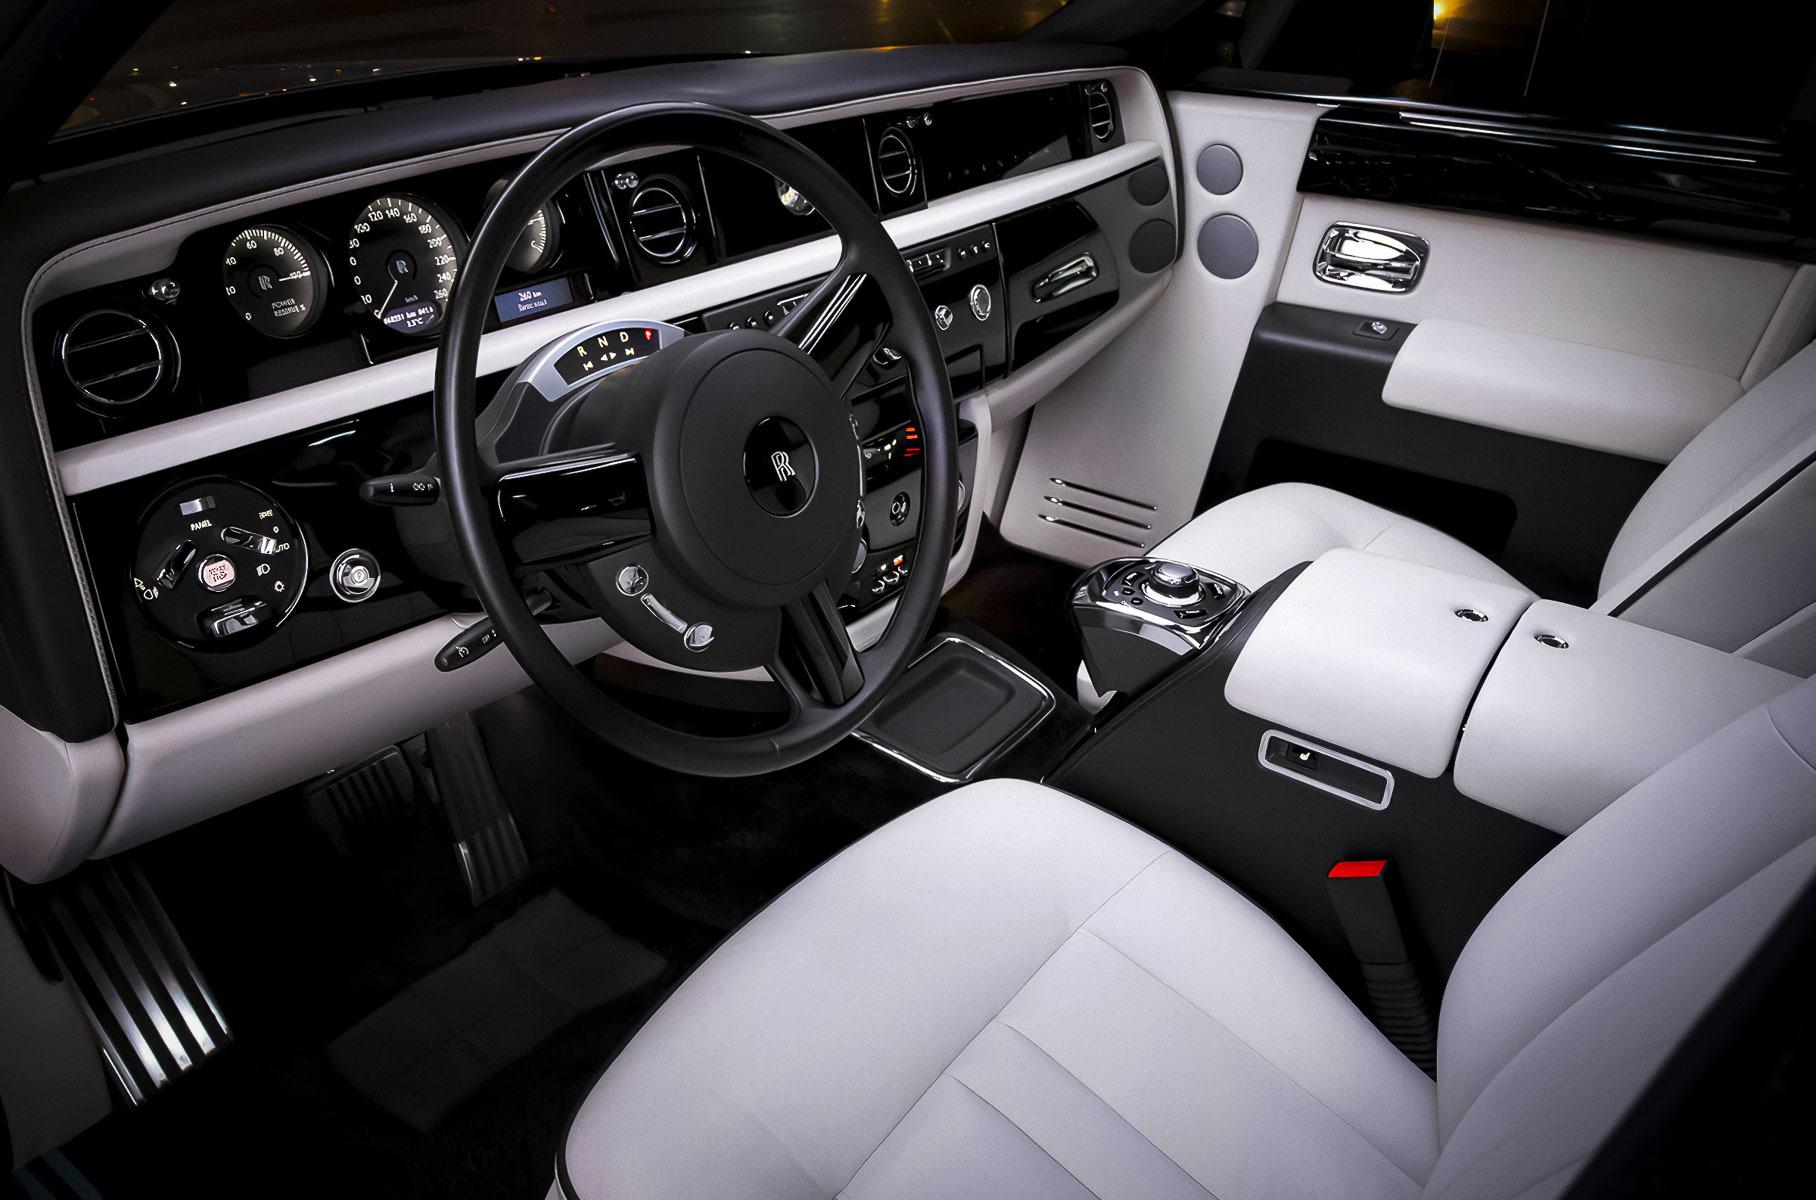 Необычную версию Rolls-Royce Phantom продают в Москве за 19 миллионов рублей Новости